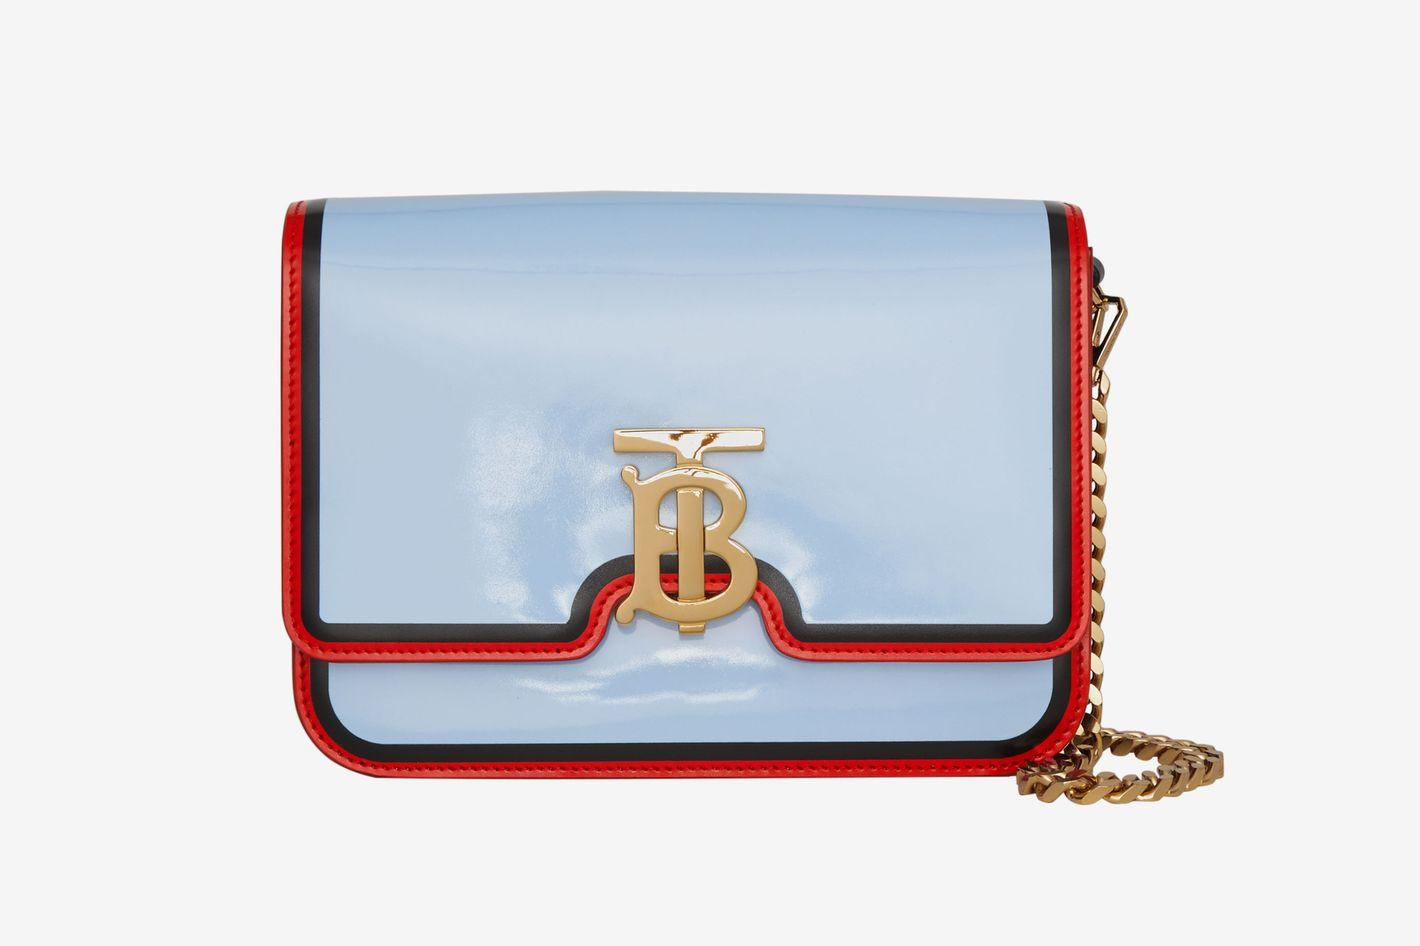 5748e0a769ef See Burberry s TB Bag Designed by Riccardo Tisci